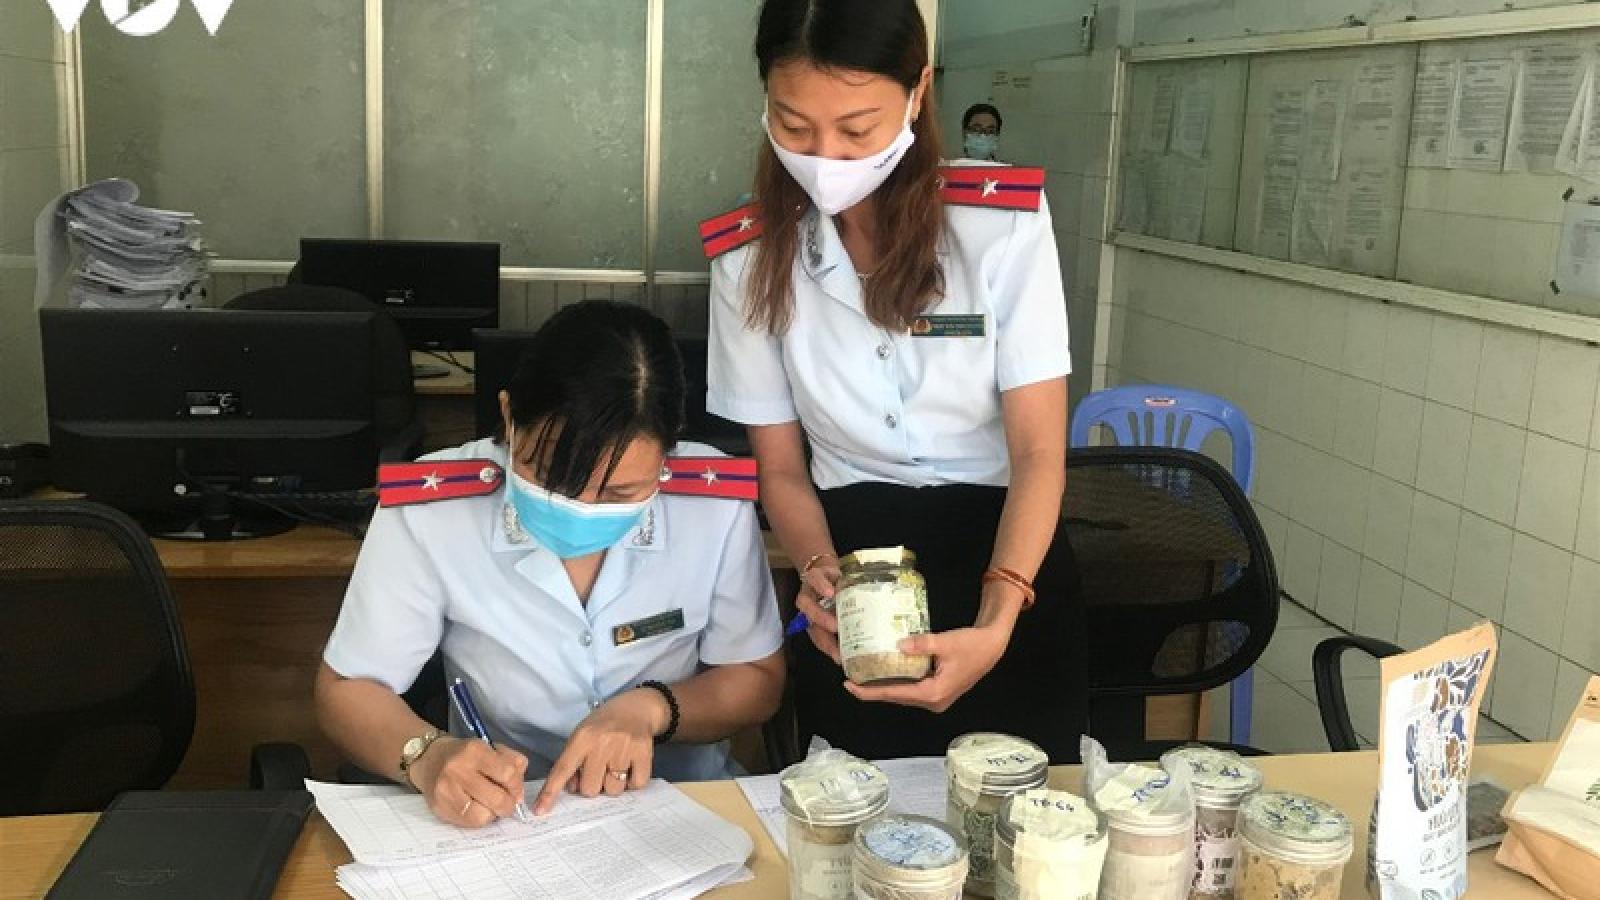 Vứt pate Minh Chay sẽ gây nguy hại cho môi trường, cộng đồng